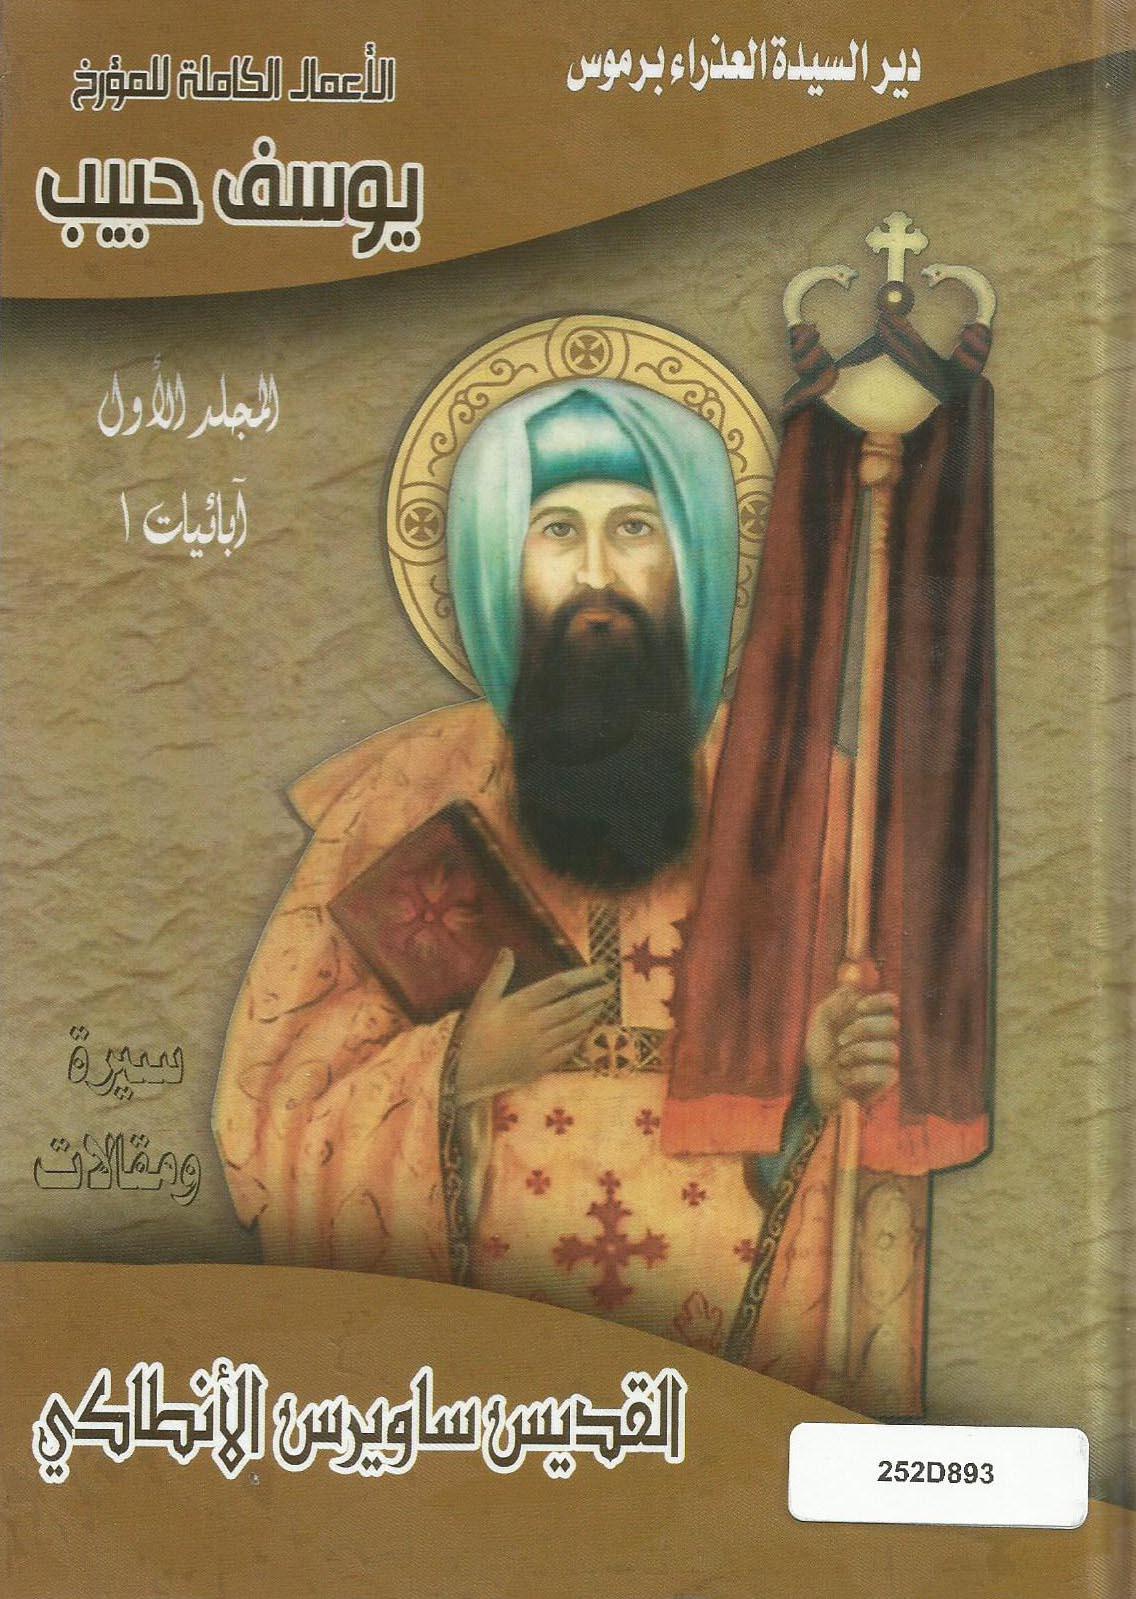 سيرة ومقالات القديس ساويرس الانطاكى